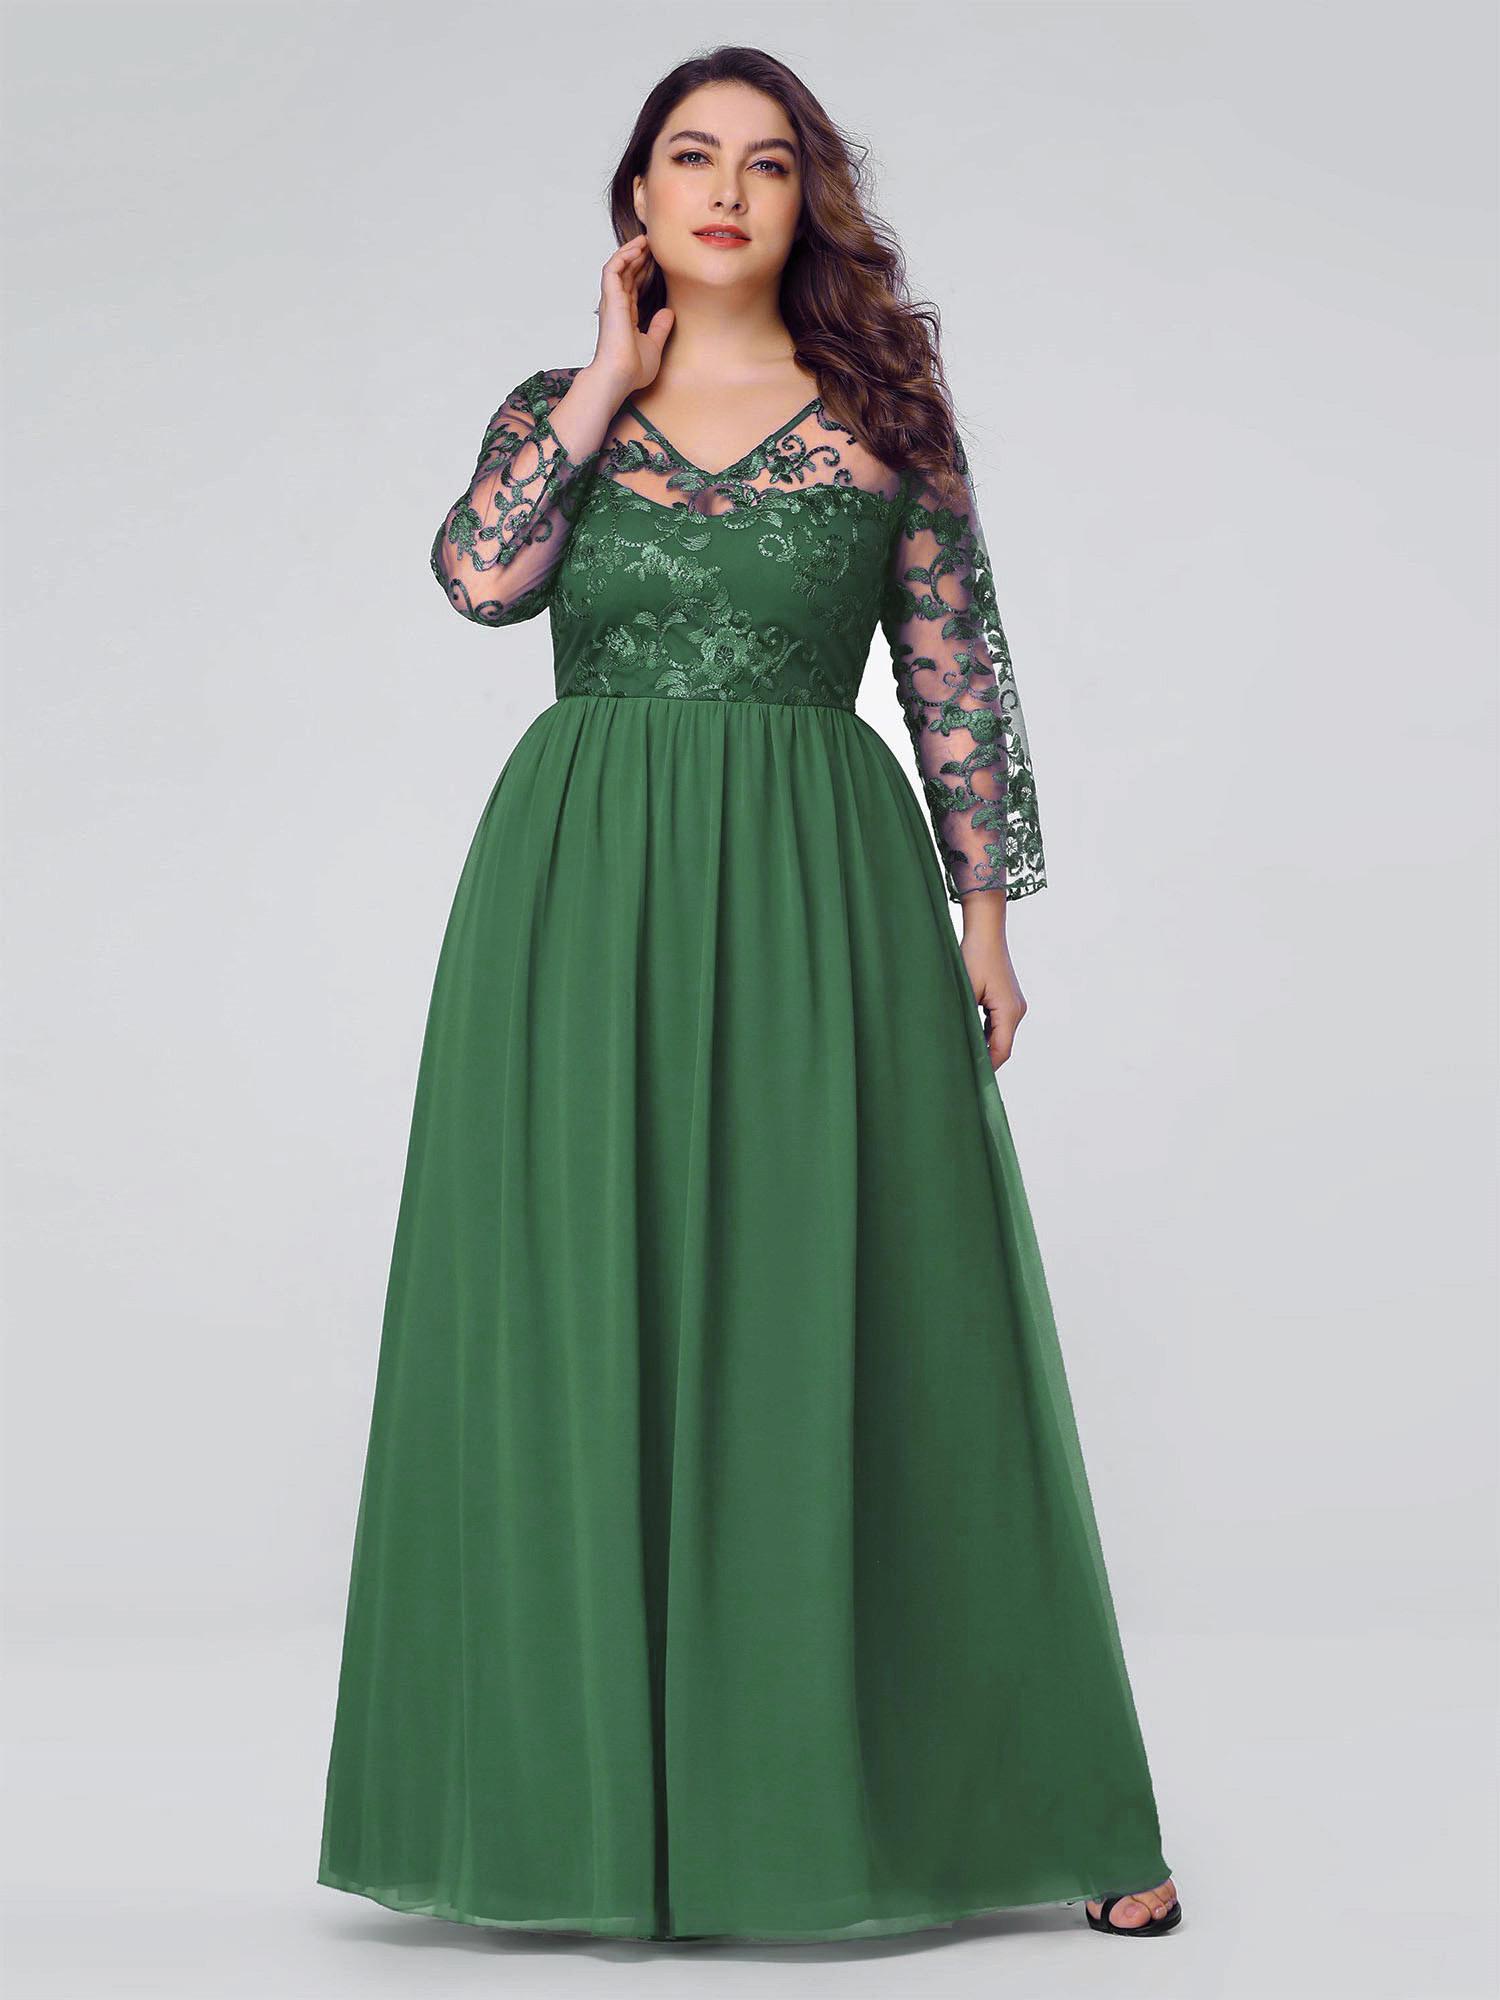 20 Luxurius Abendkleid V Ausschnitt Vertrieb10 Fantastisch Abendkleid V Ausschnitt Stylish